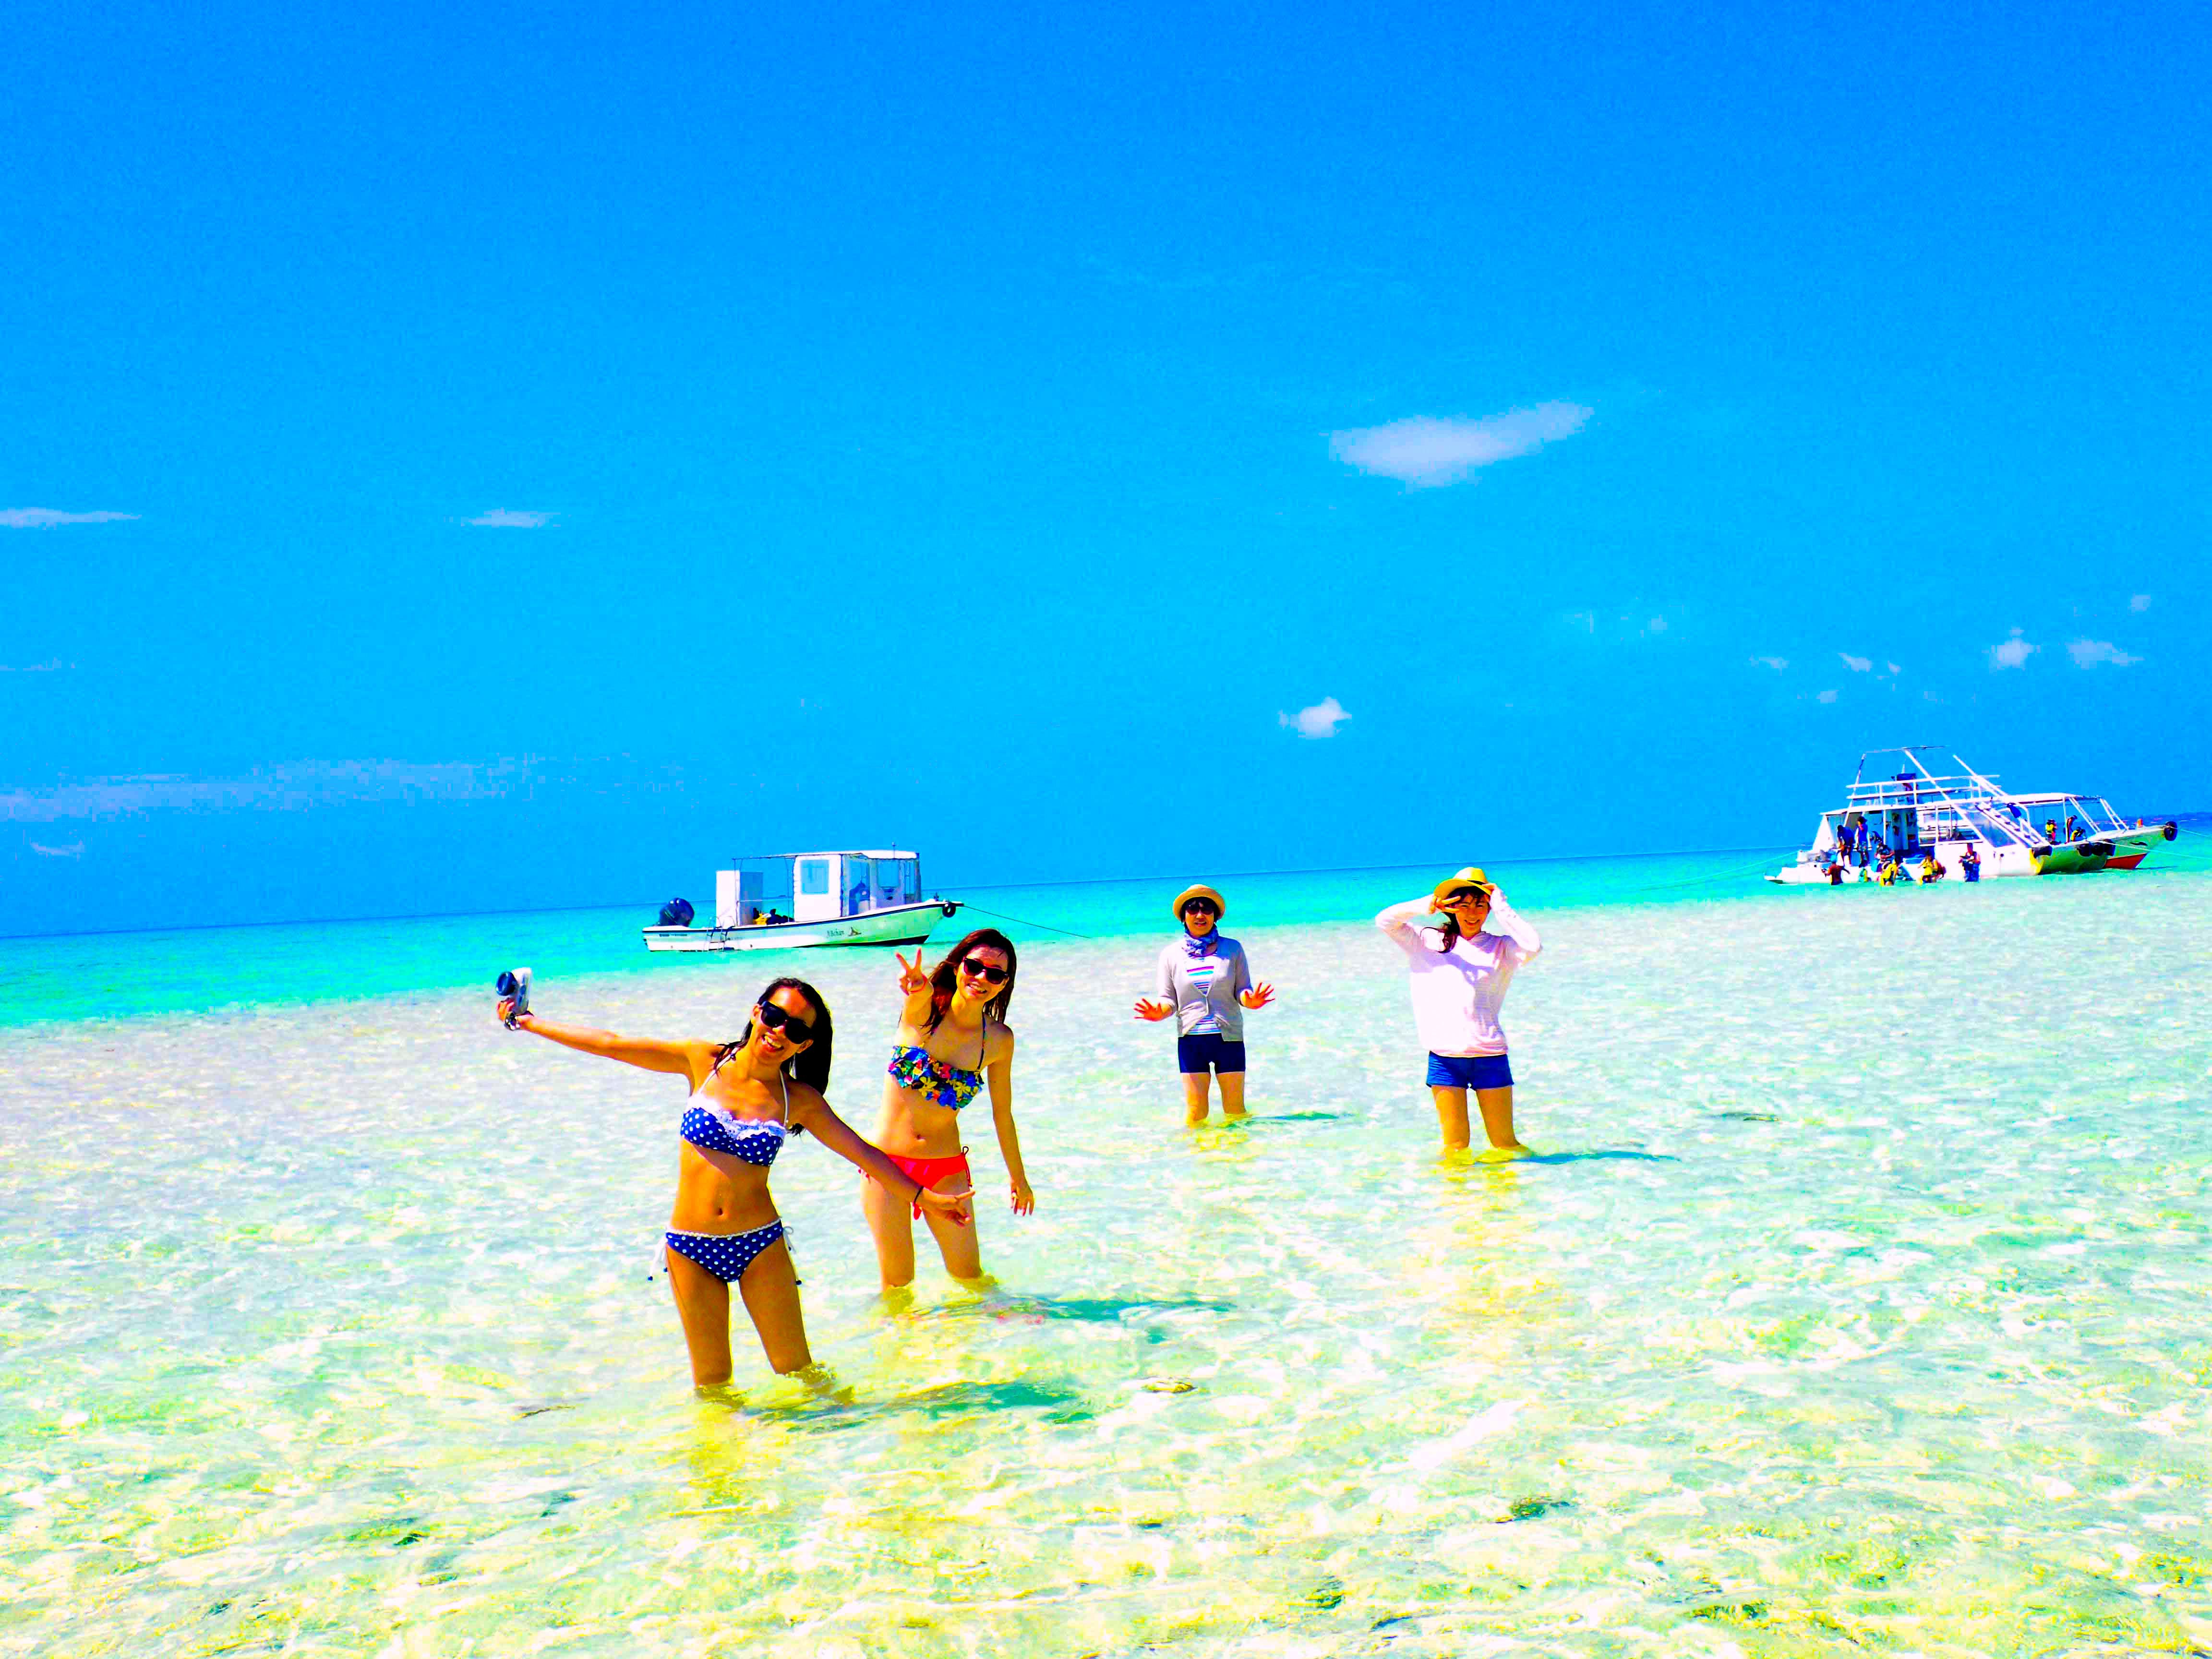 幻の島で遊ぶ女性グループ